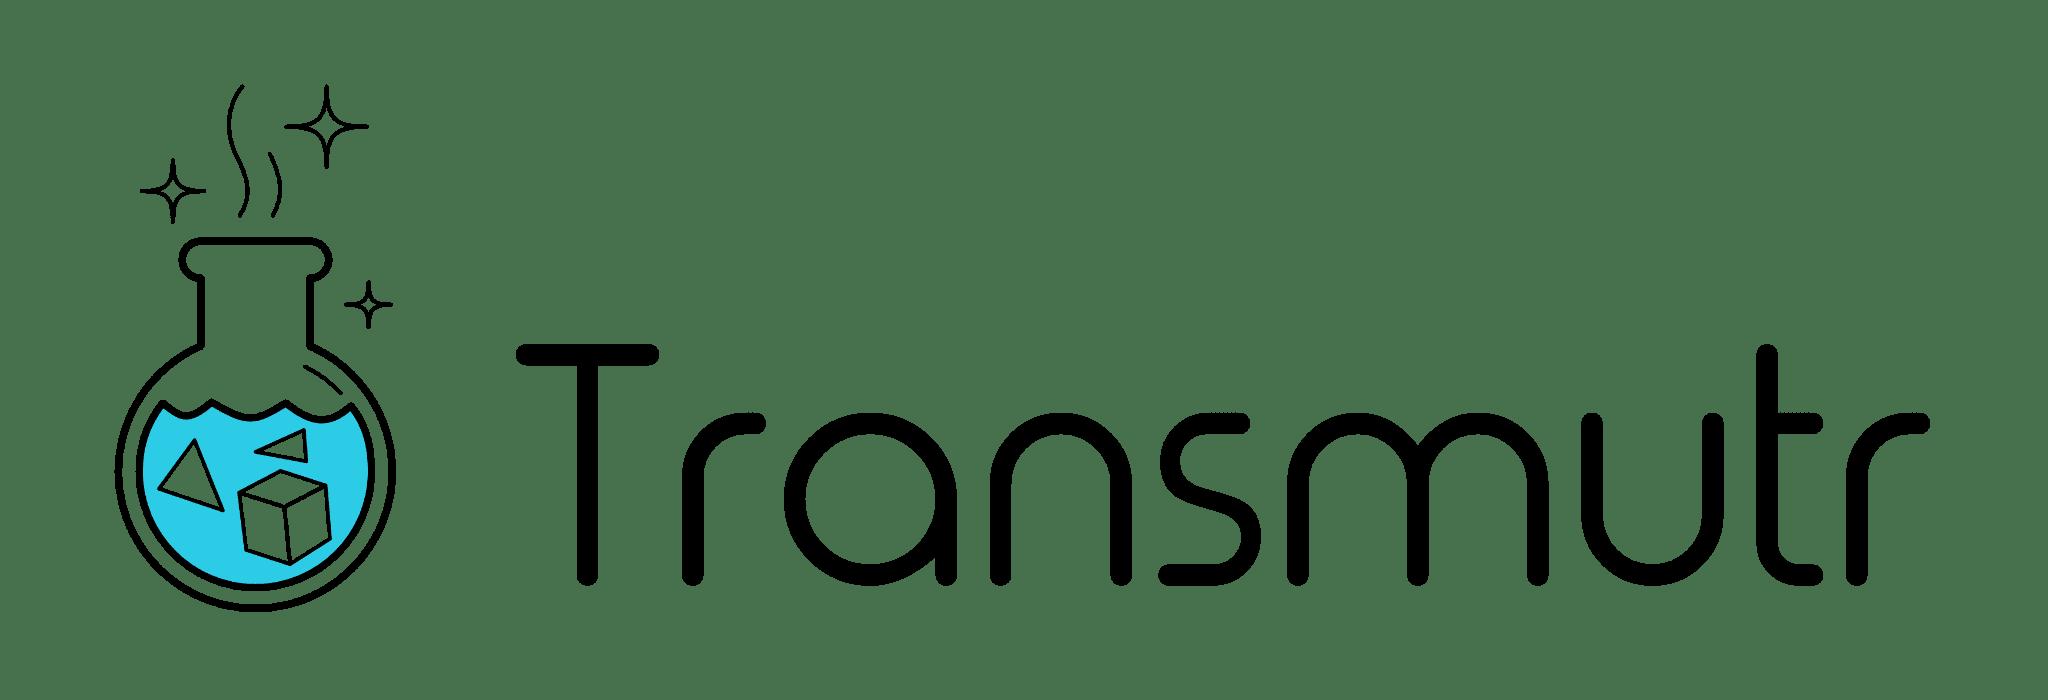 transmutr logo